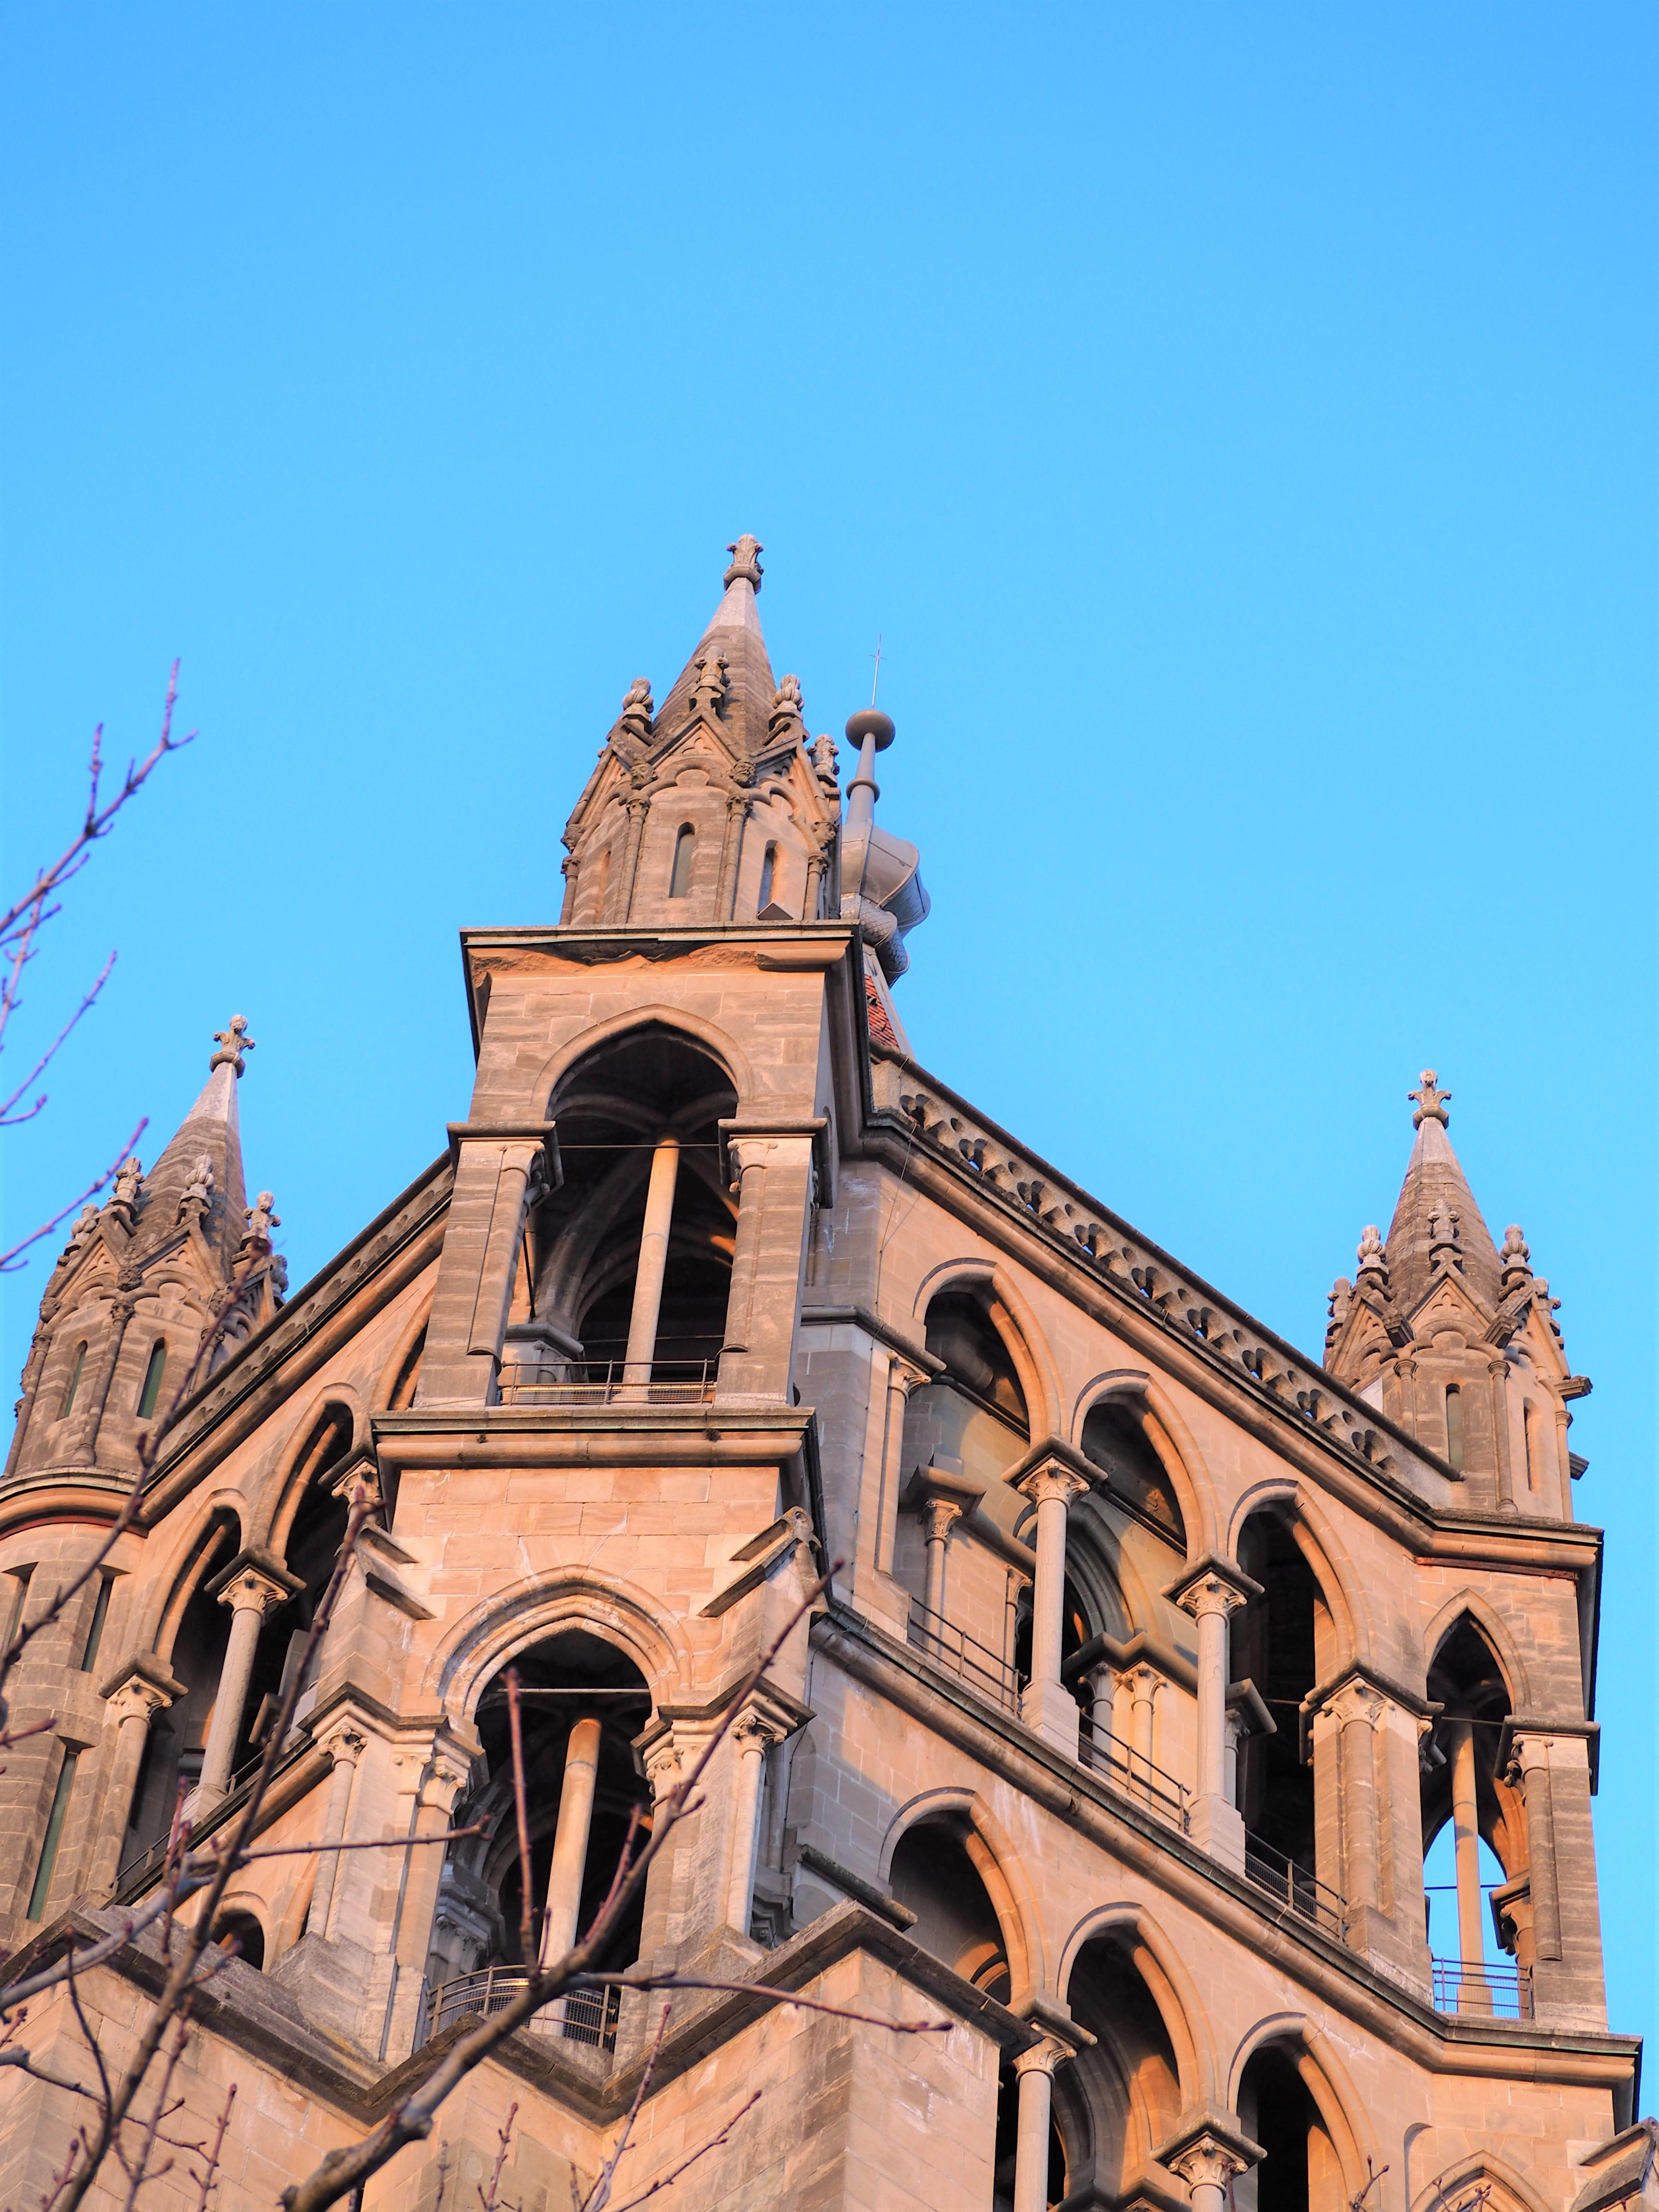 cathédrale-clioandco-blog-voyage-lausanne-suisse-canton-de-vaud